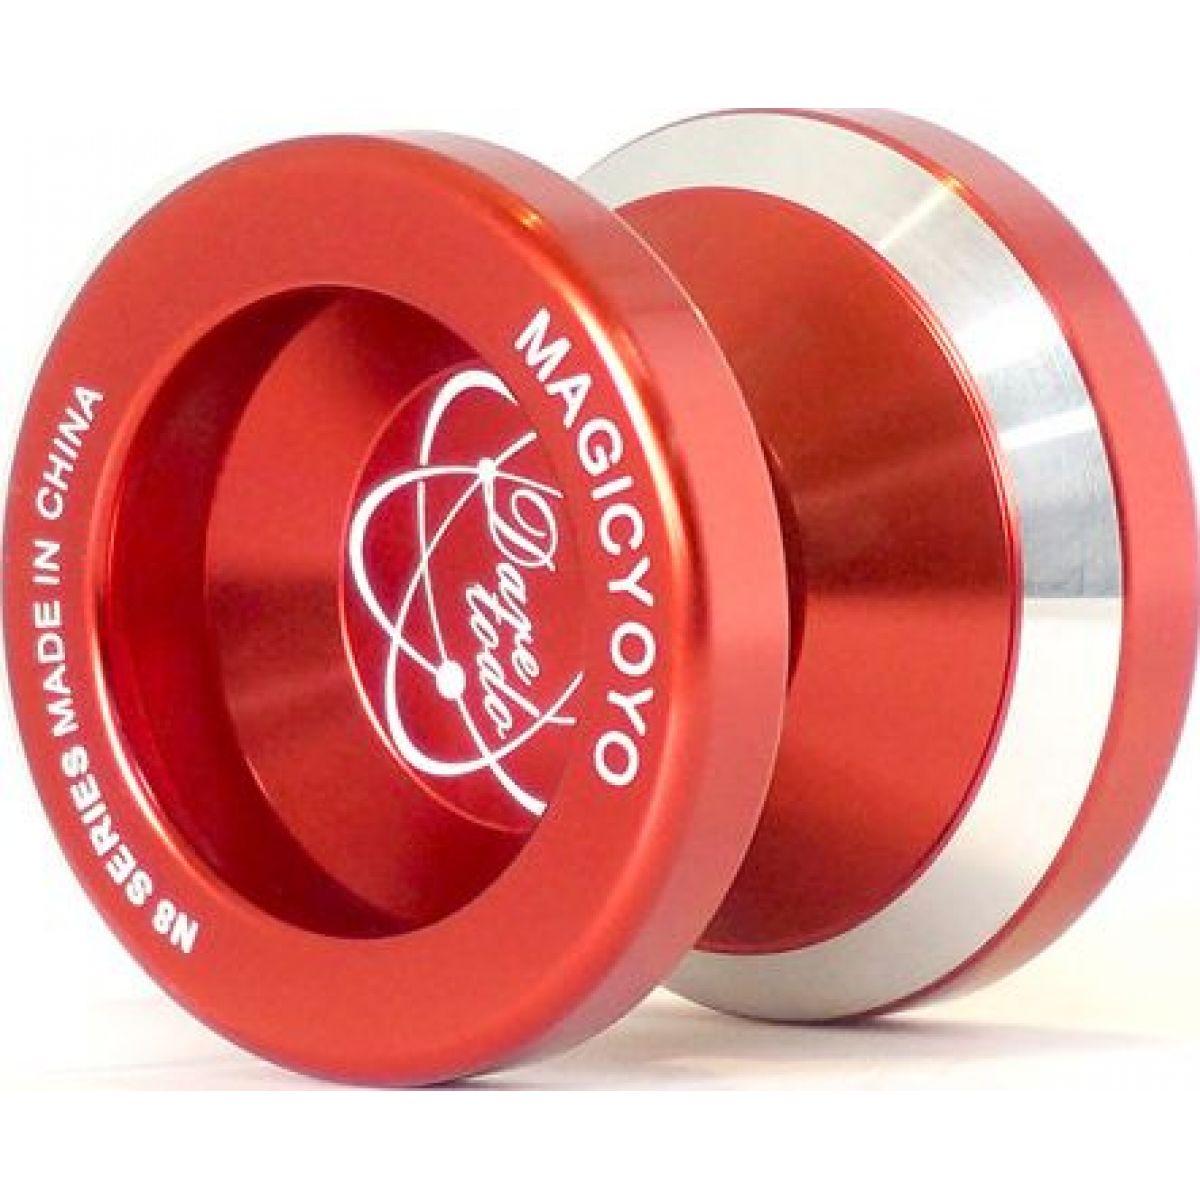 Jojo N8 - Dare to do 48mm kovové s ložiskem - Červená